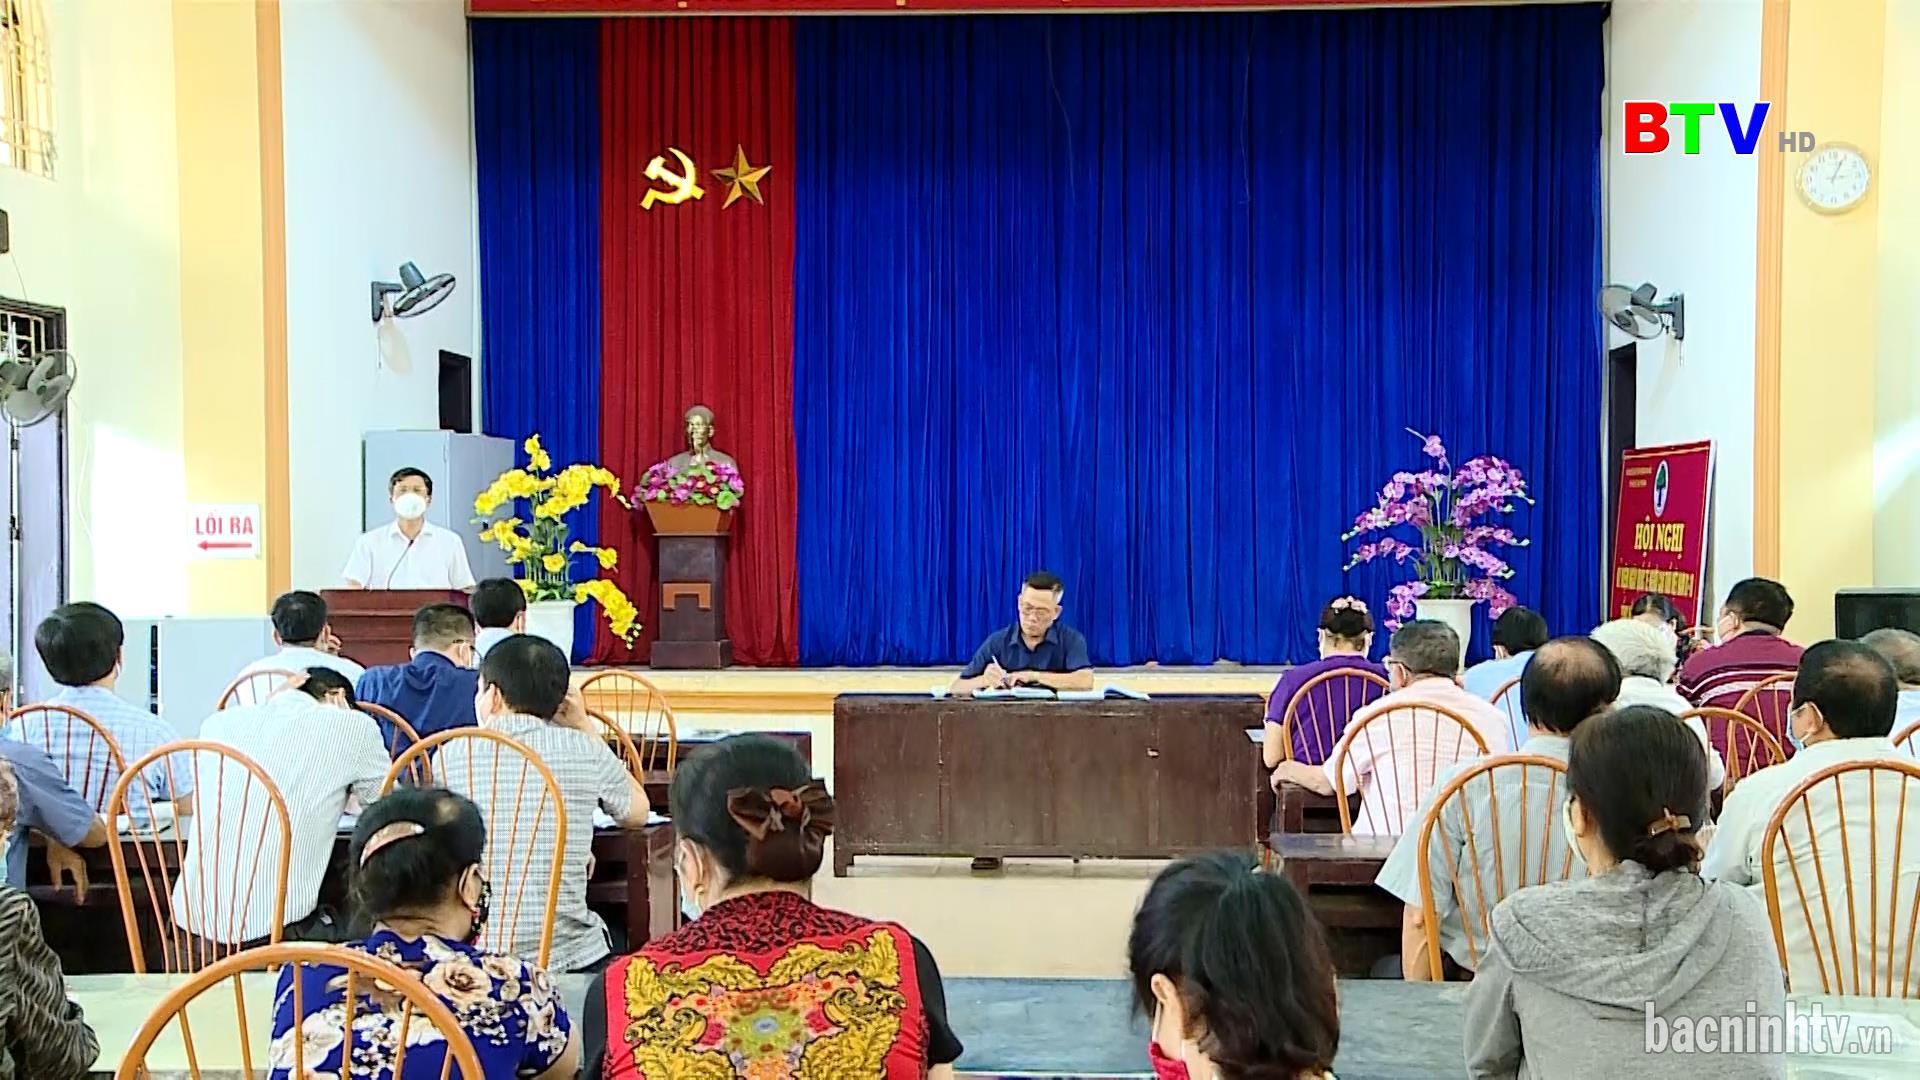 Bí thư Thành ủy Bắc Ninh dự sinh hoạt chi bộ khu Yên Mẫn, phường Kinh Bắc